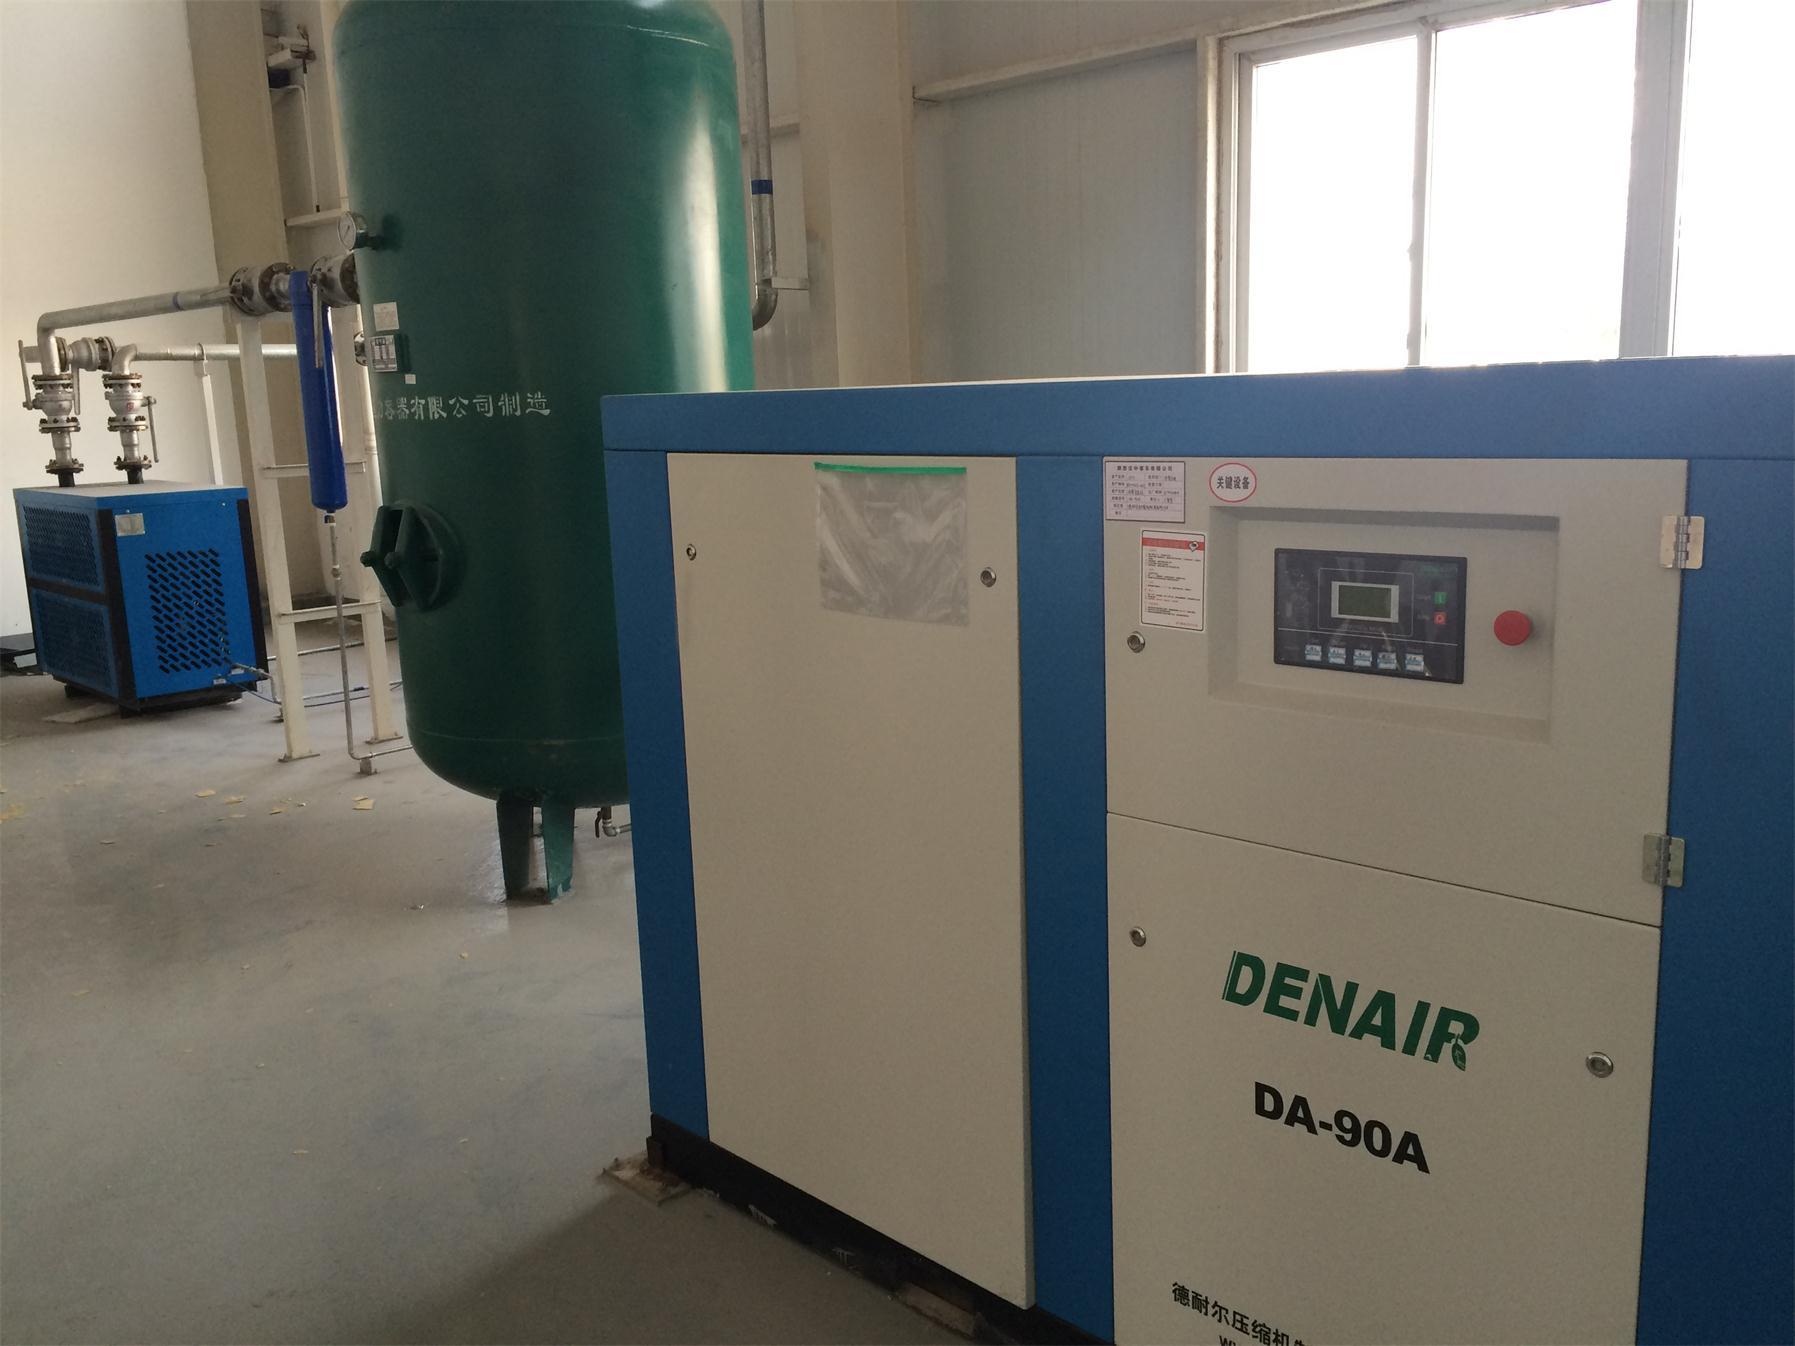 供应陕西90kw螺杆空压机,德耐尔空压机技术参数:   da-90 0.75 16.